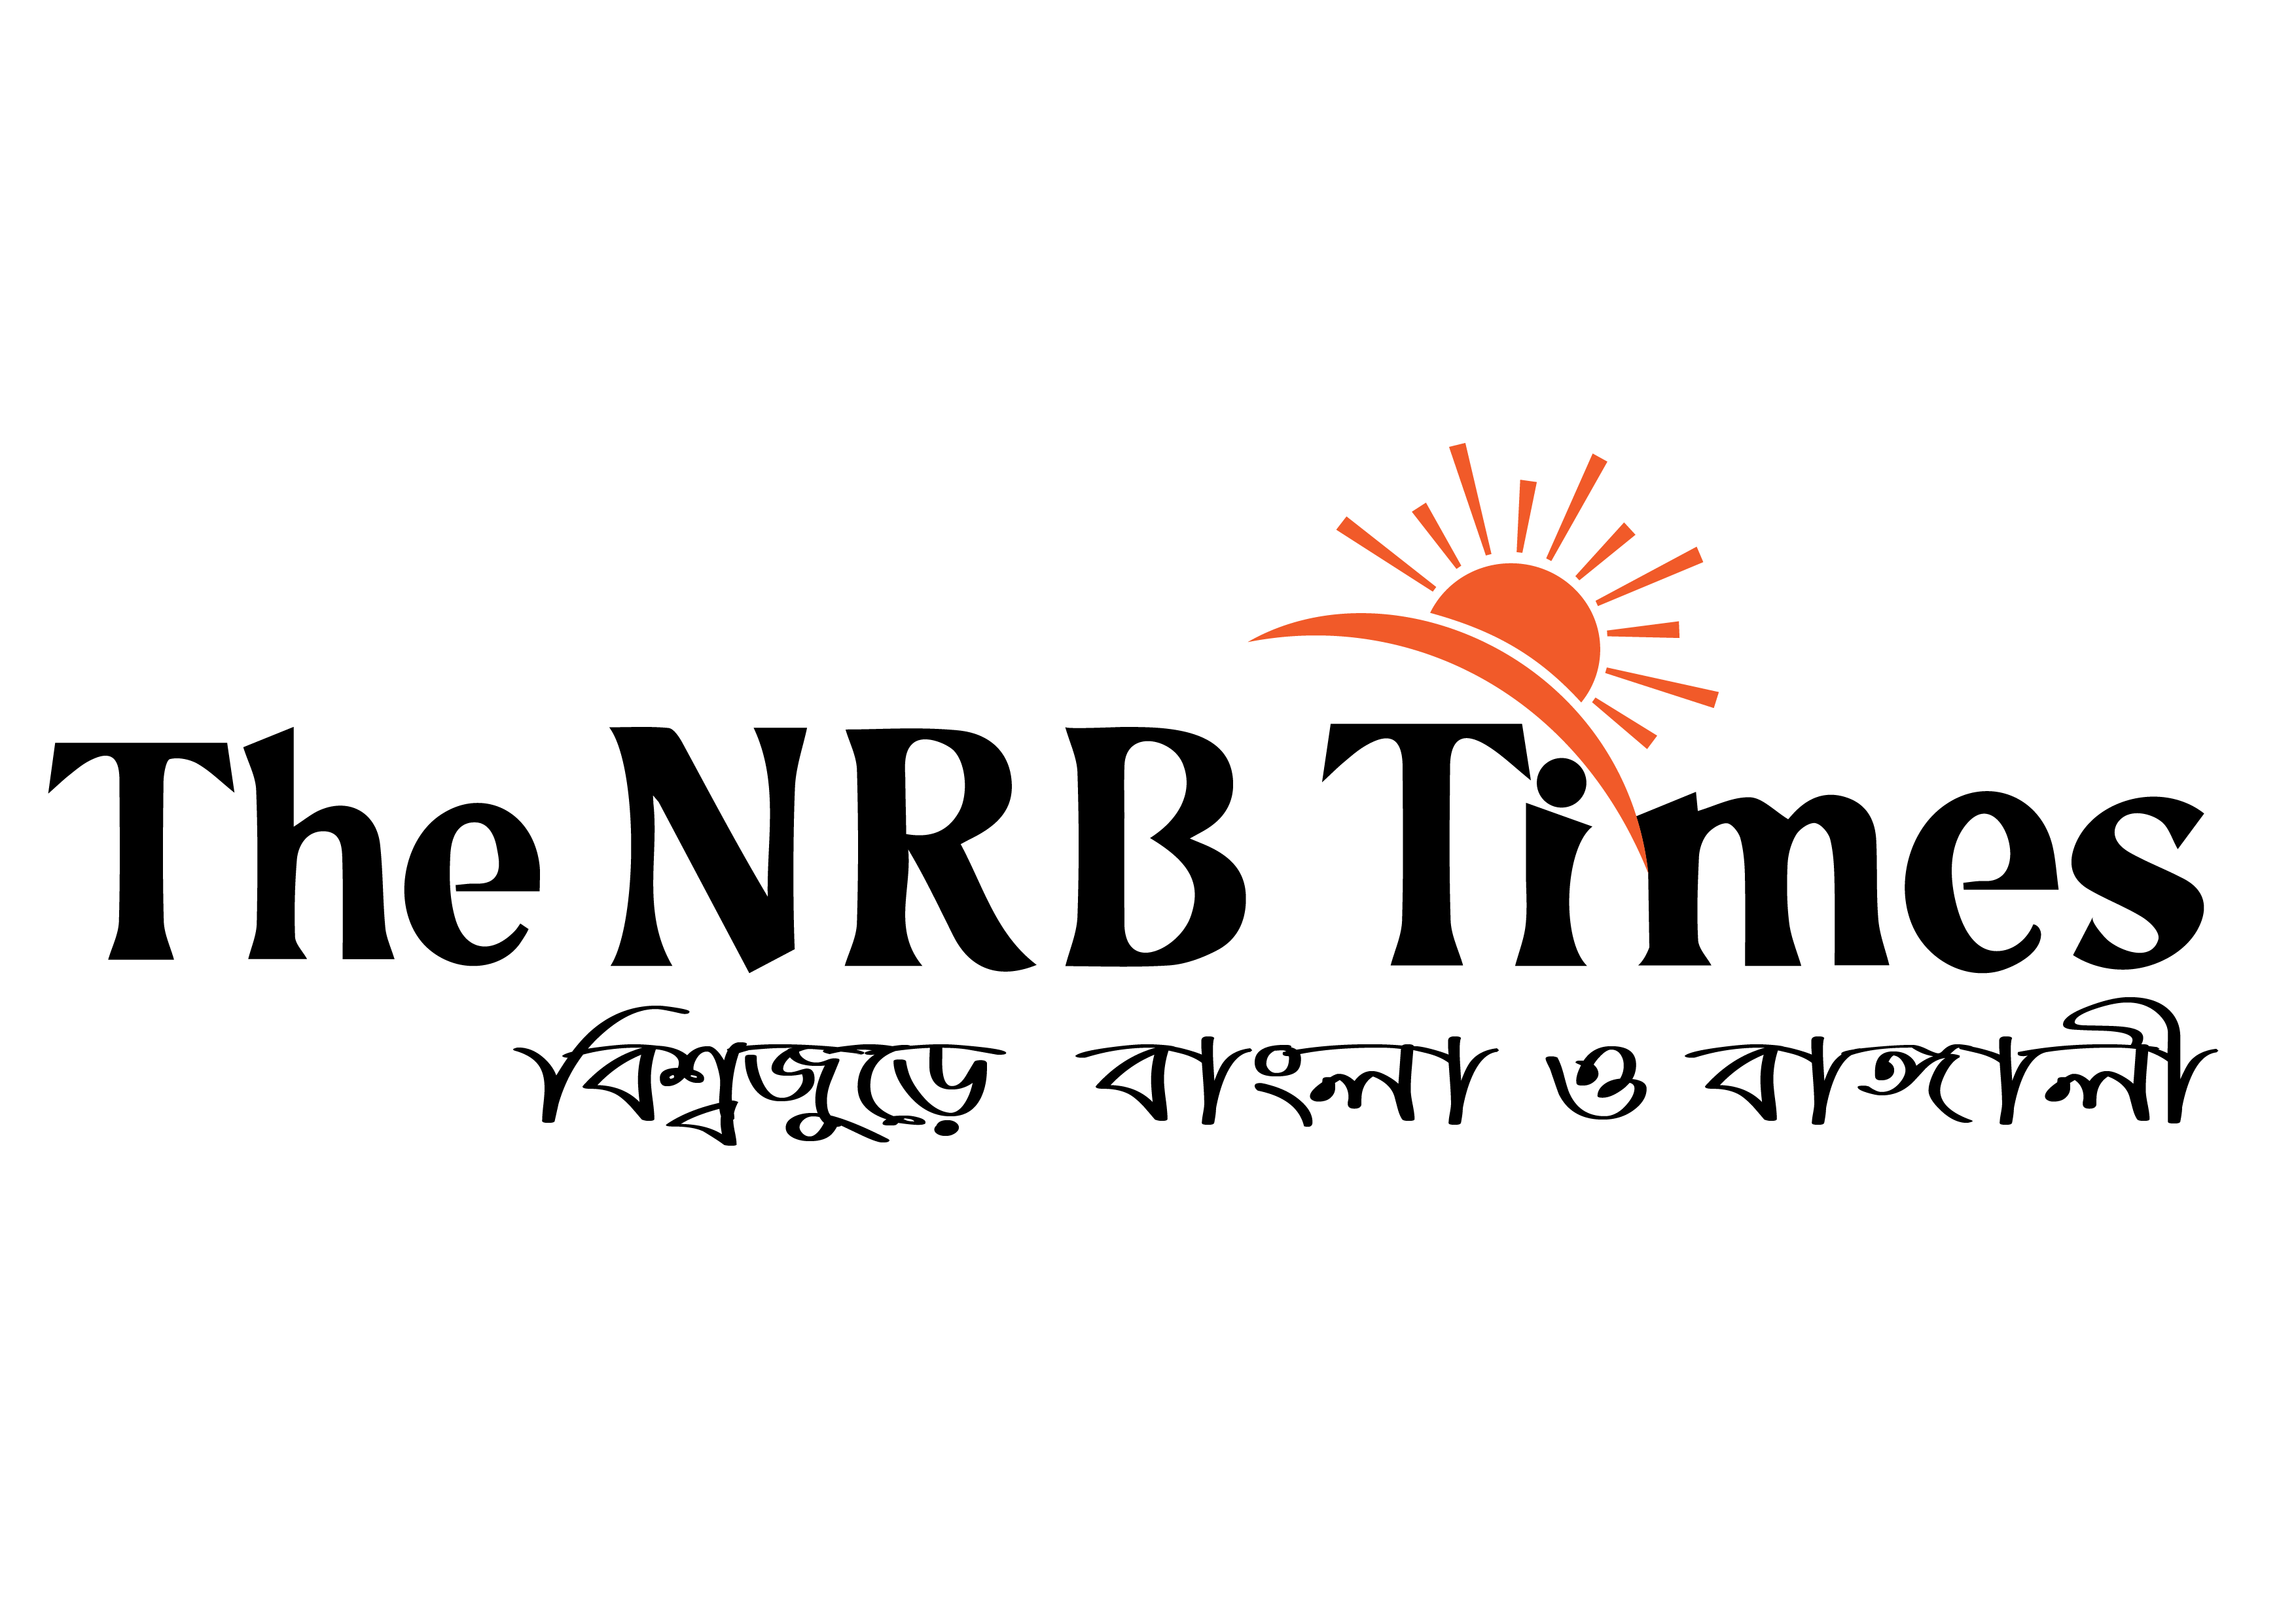 NRB TIMES